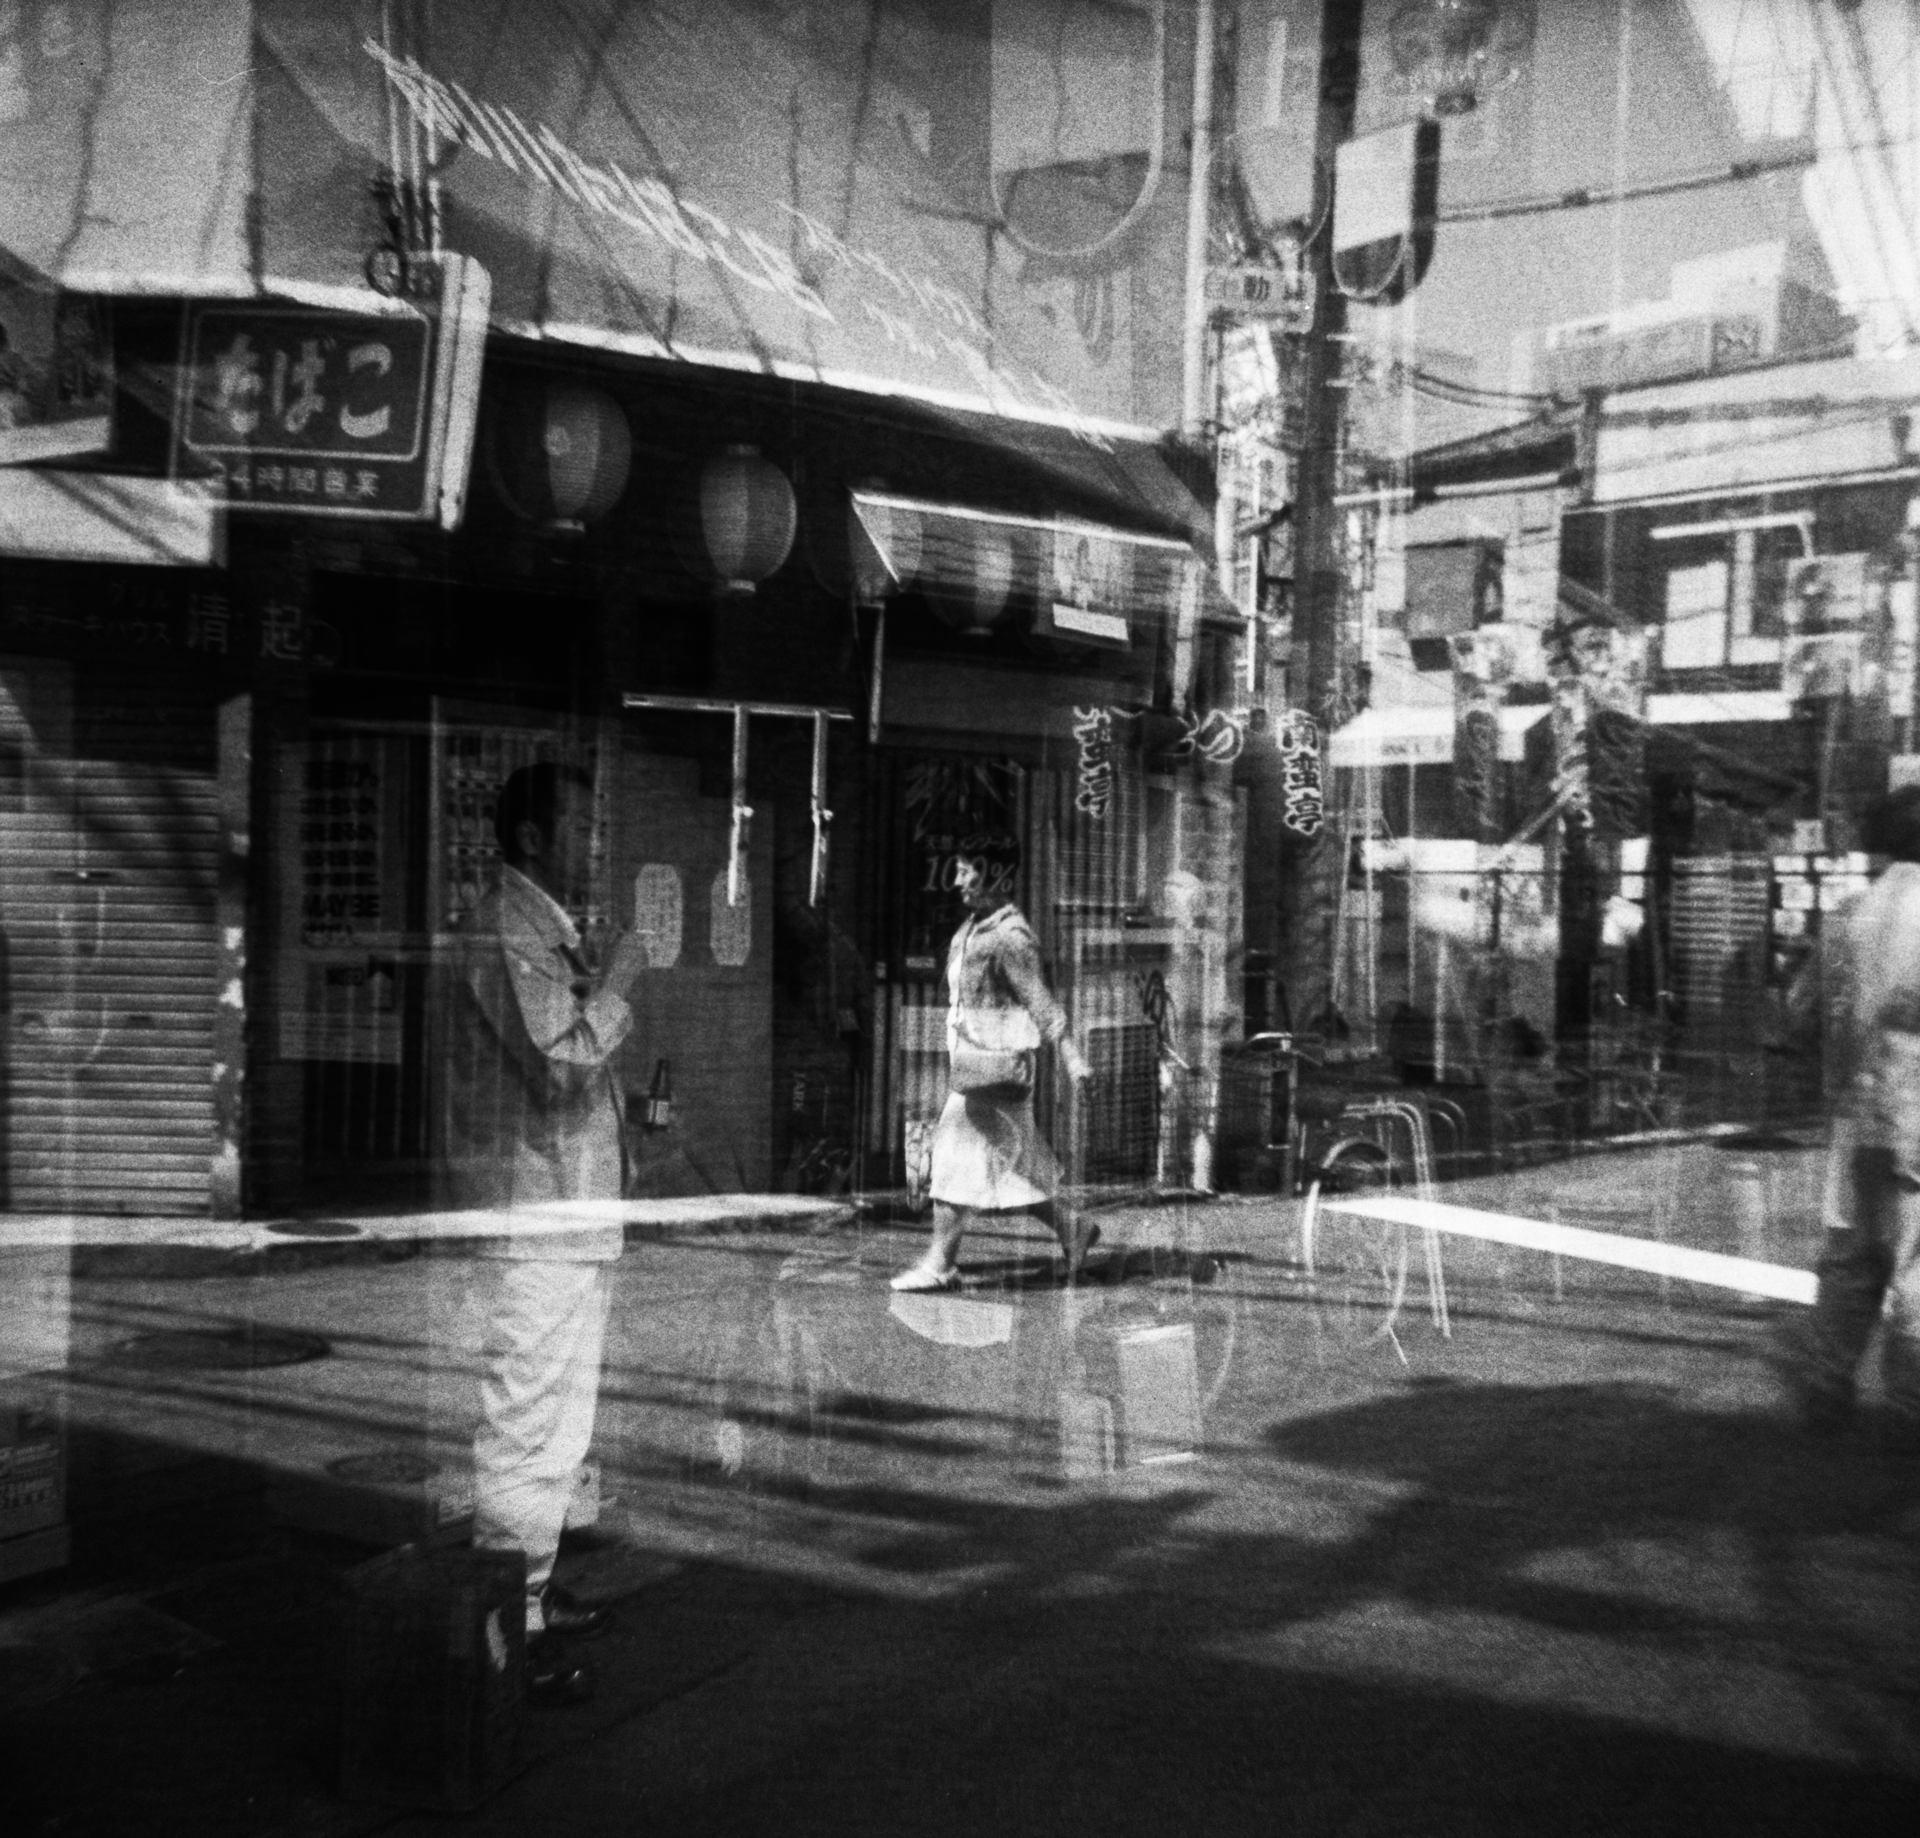 Untitled, Osaka, 2016